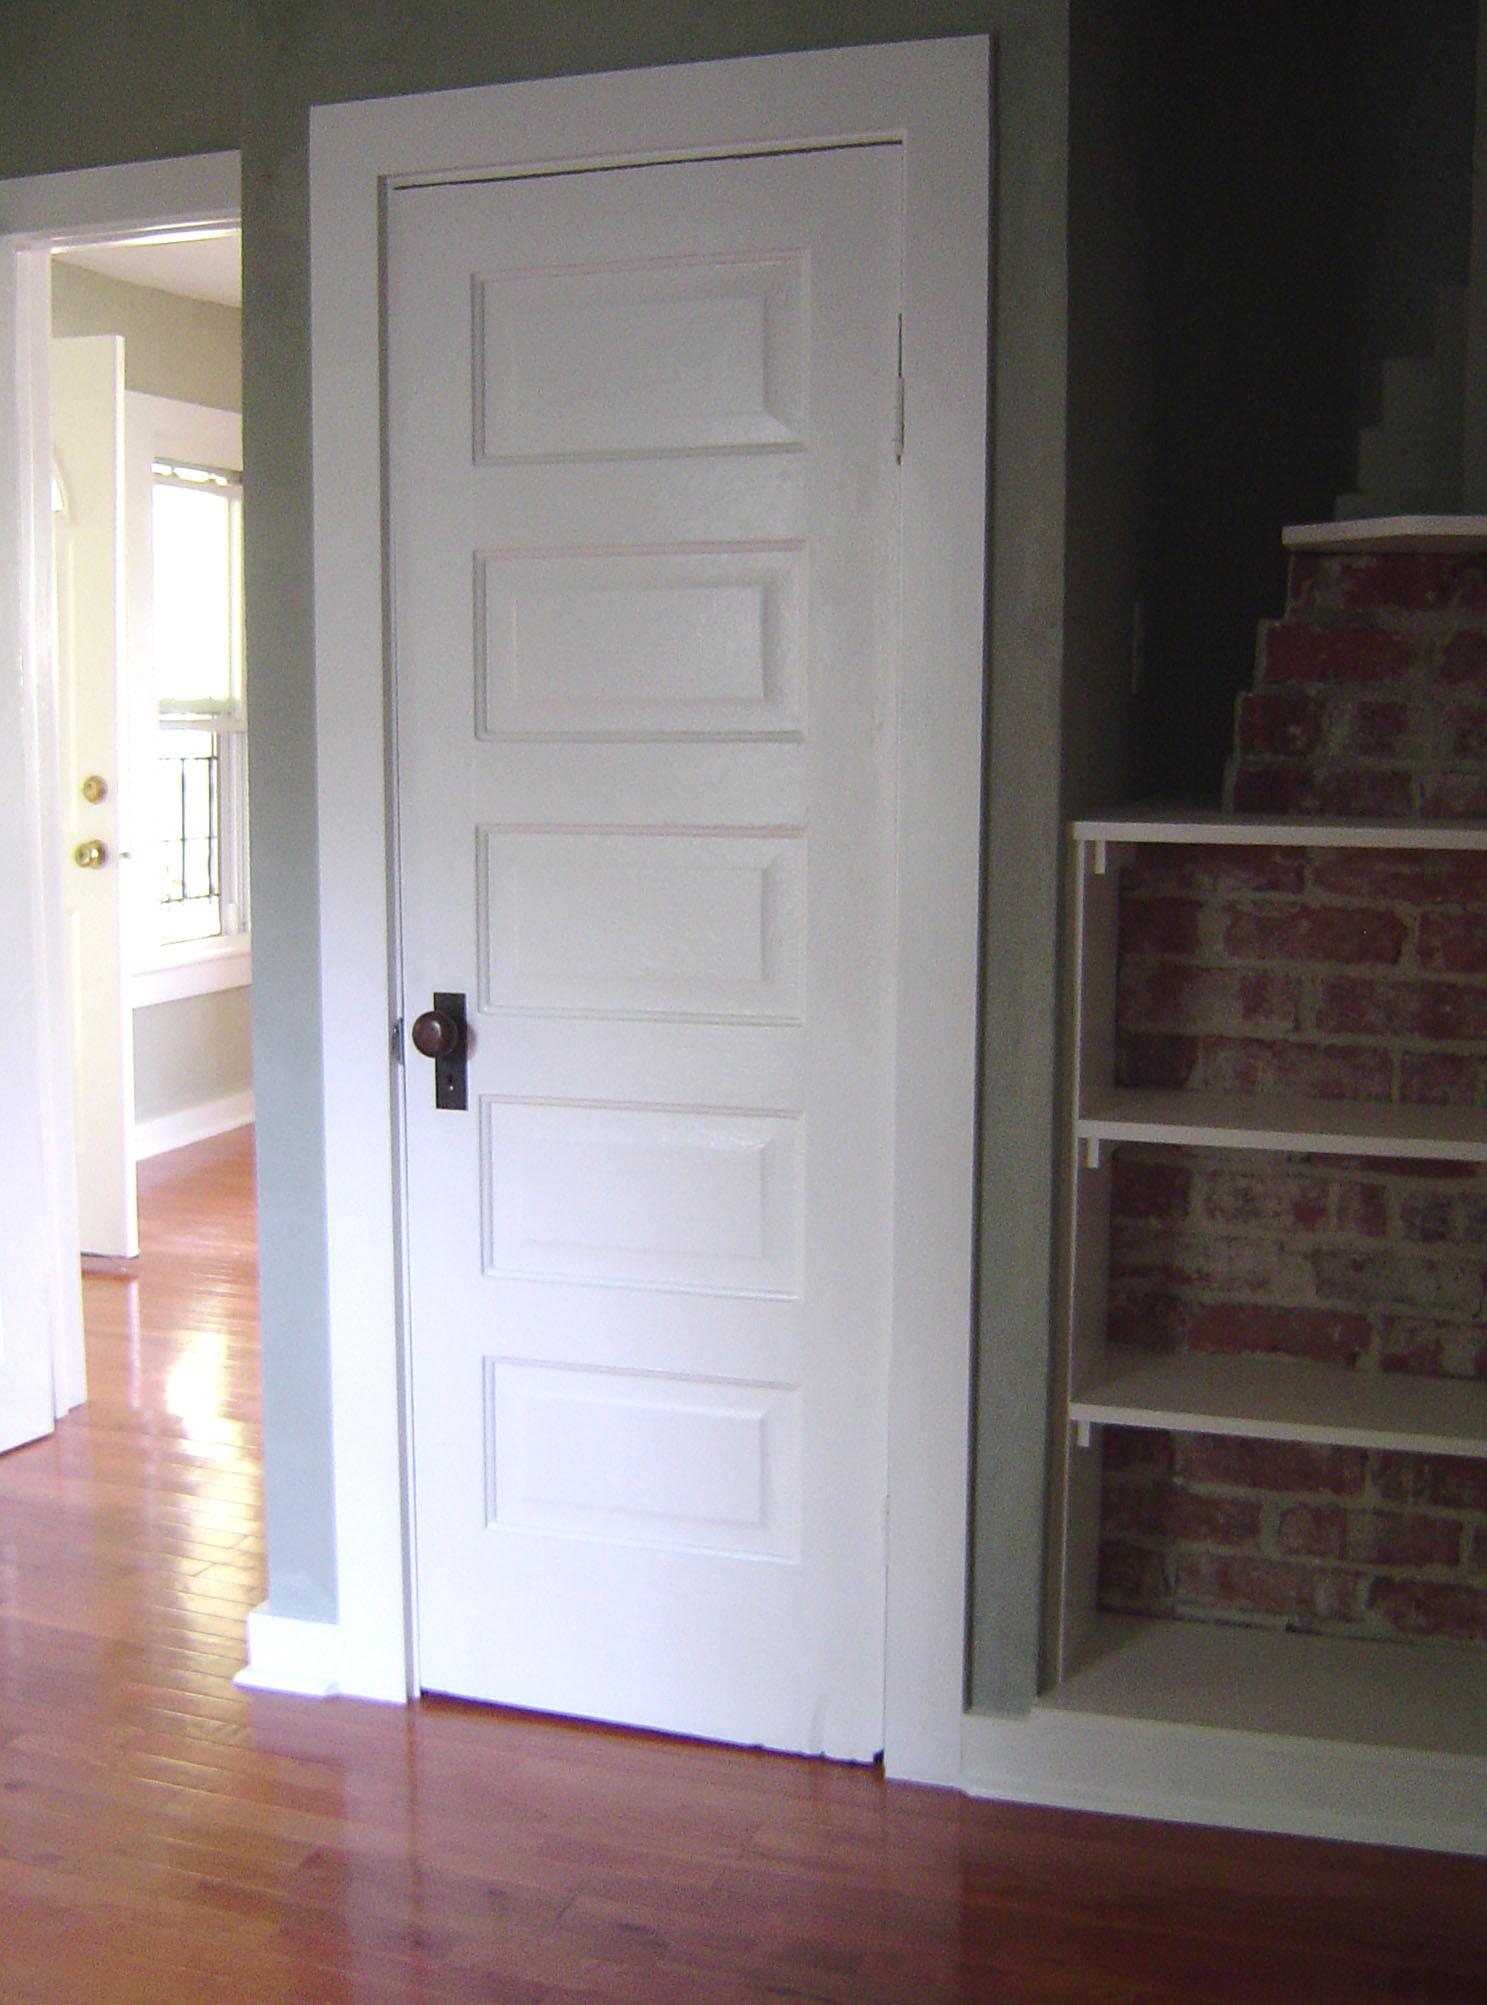 Salvaged door & hardware. Asheville, NC 2005